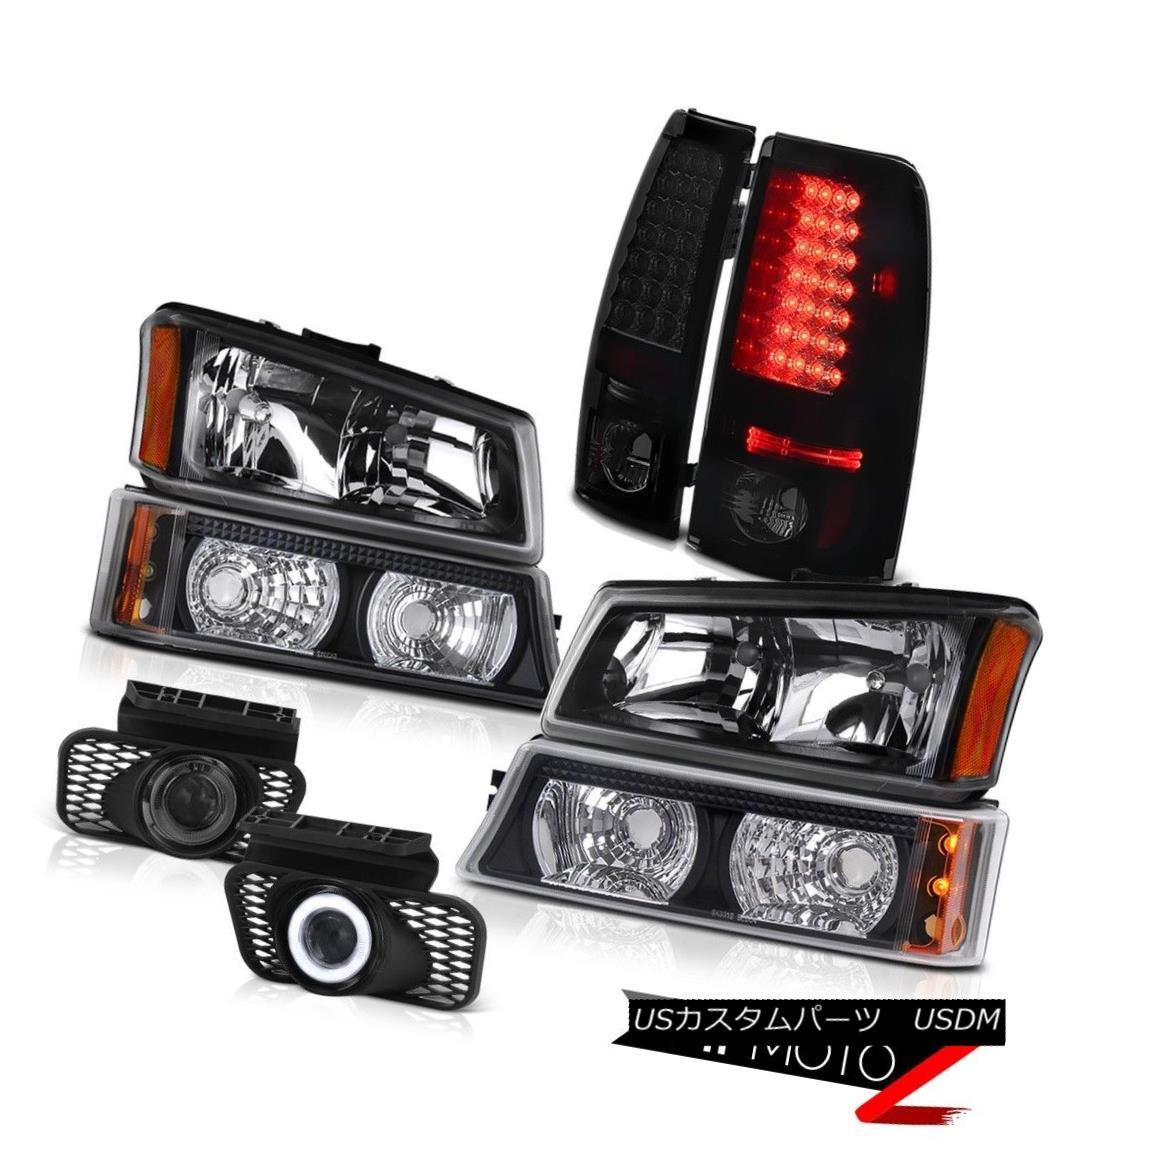 テールライト Headlights Philip SuperFlux LED Taillight Switch Foglight 2003-2006 Silverado SS ヘッドライトPhilips SuperFlux LEDテールライトスイッチFoglight 2003-2006 Silverado SS